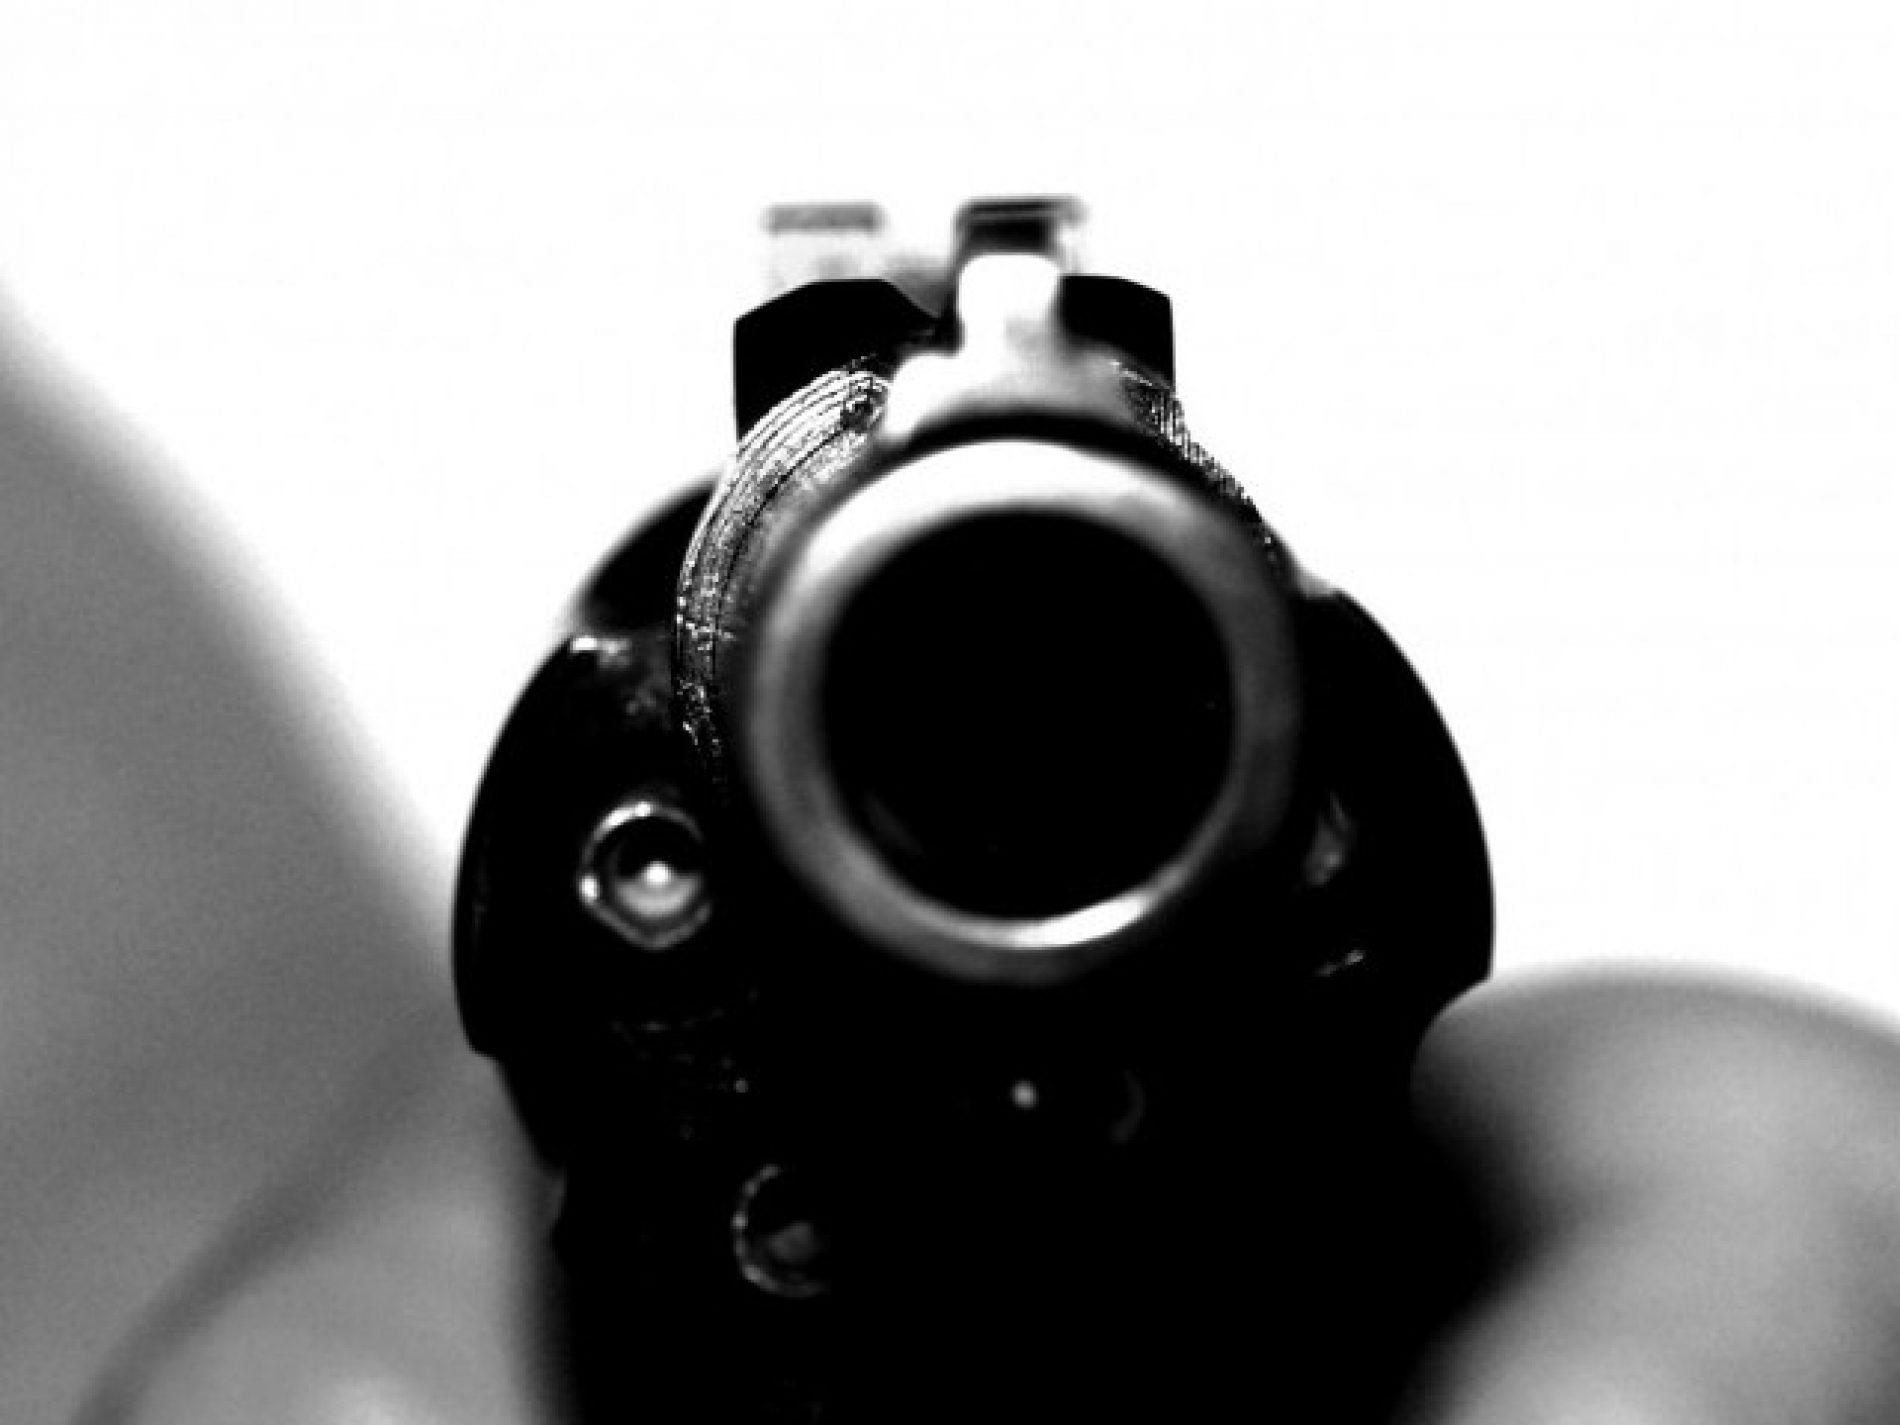 BARRETOS: Homem diz ter sido ameaçado quando caminhava com filho de 6 anos